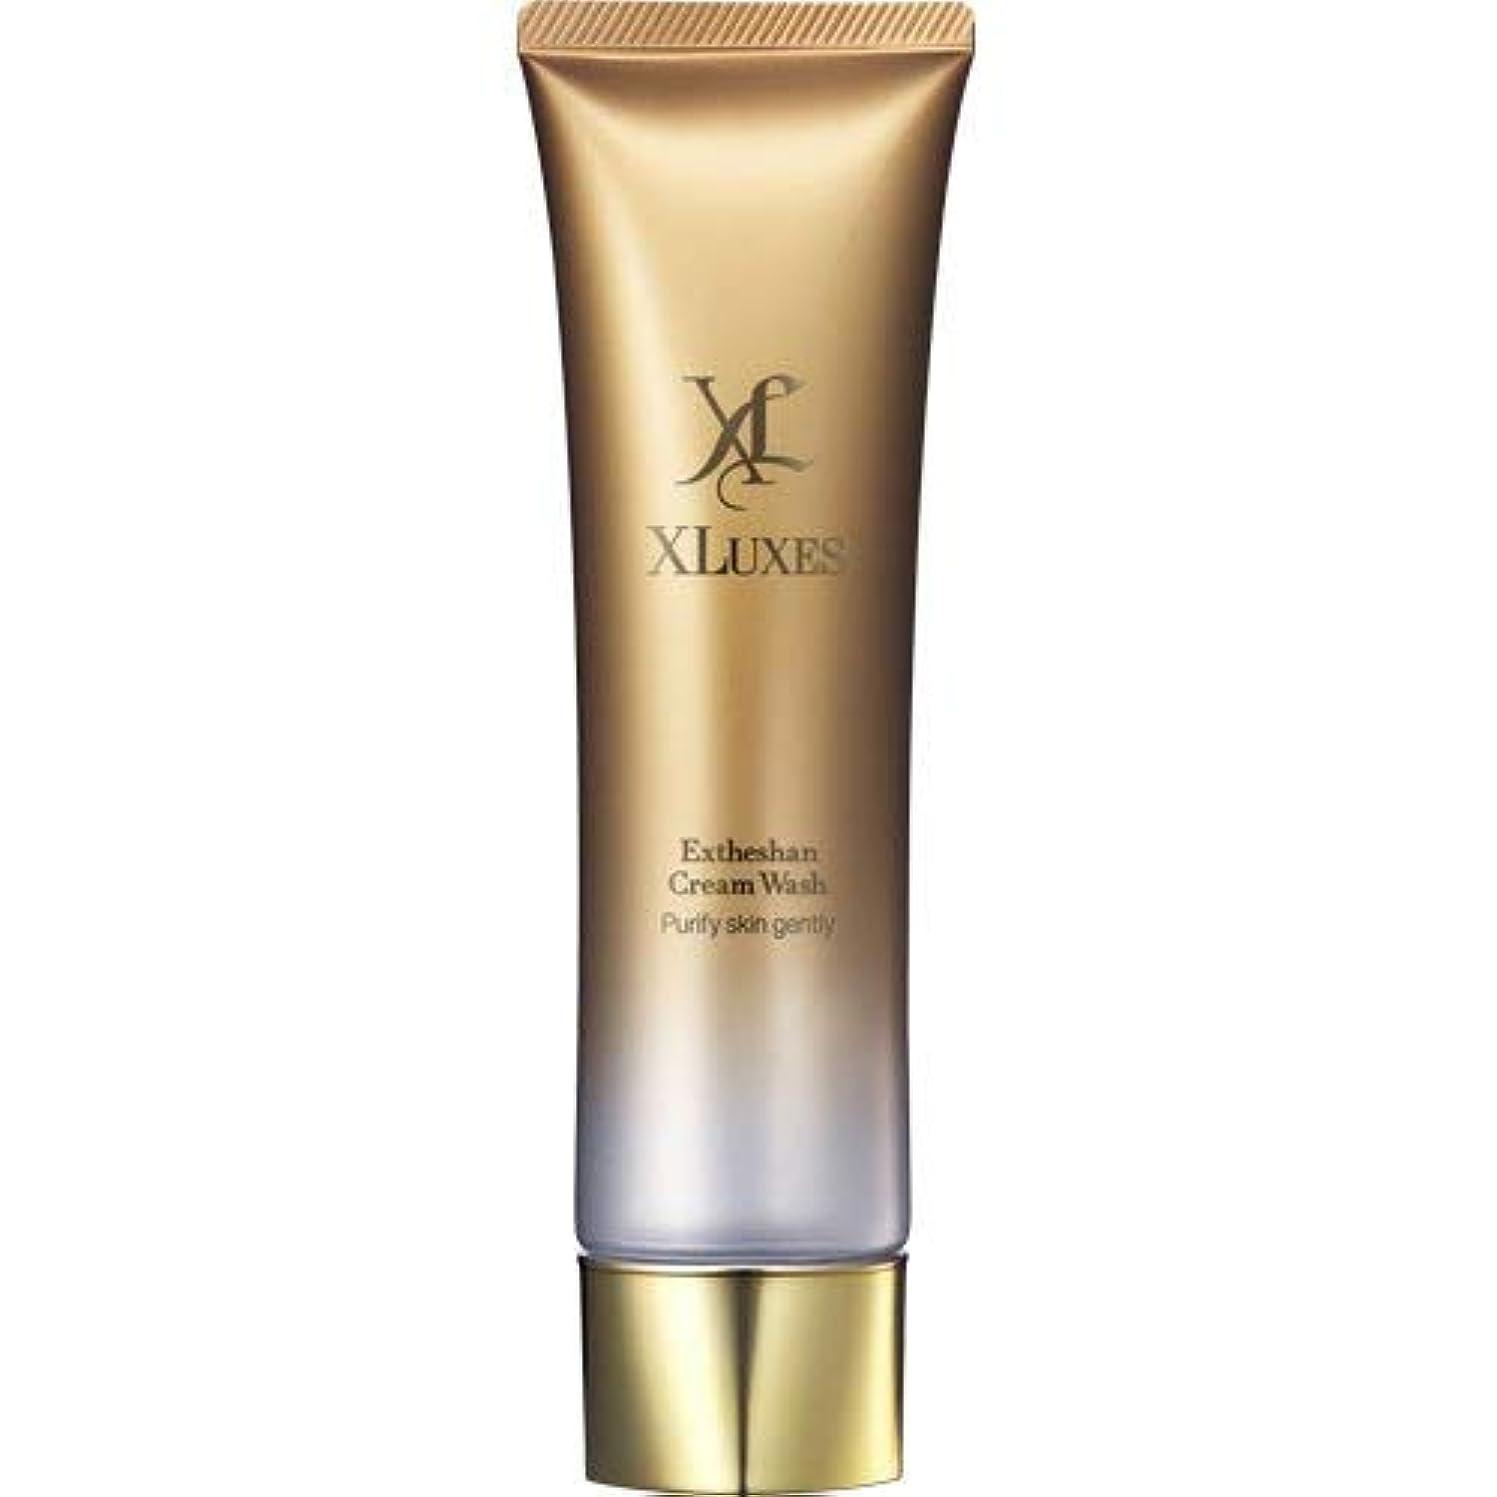 ためにメンタリティ恐竜XLUXES 美容液洗顔 [ヒト幹細胞 培養液配合] エグゼティシャン クリームウォッシュ (ダマスクローズの香り)